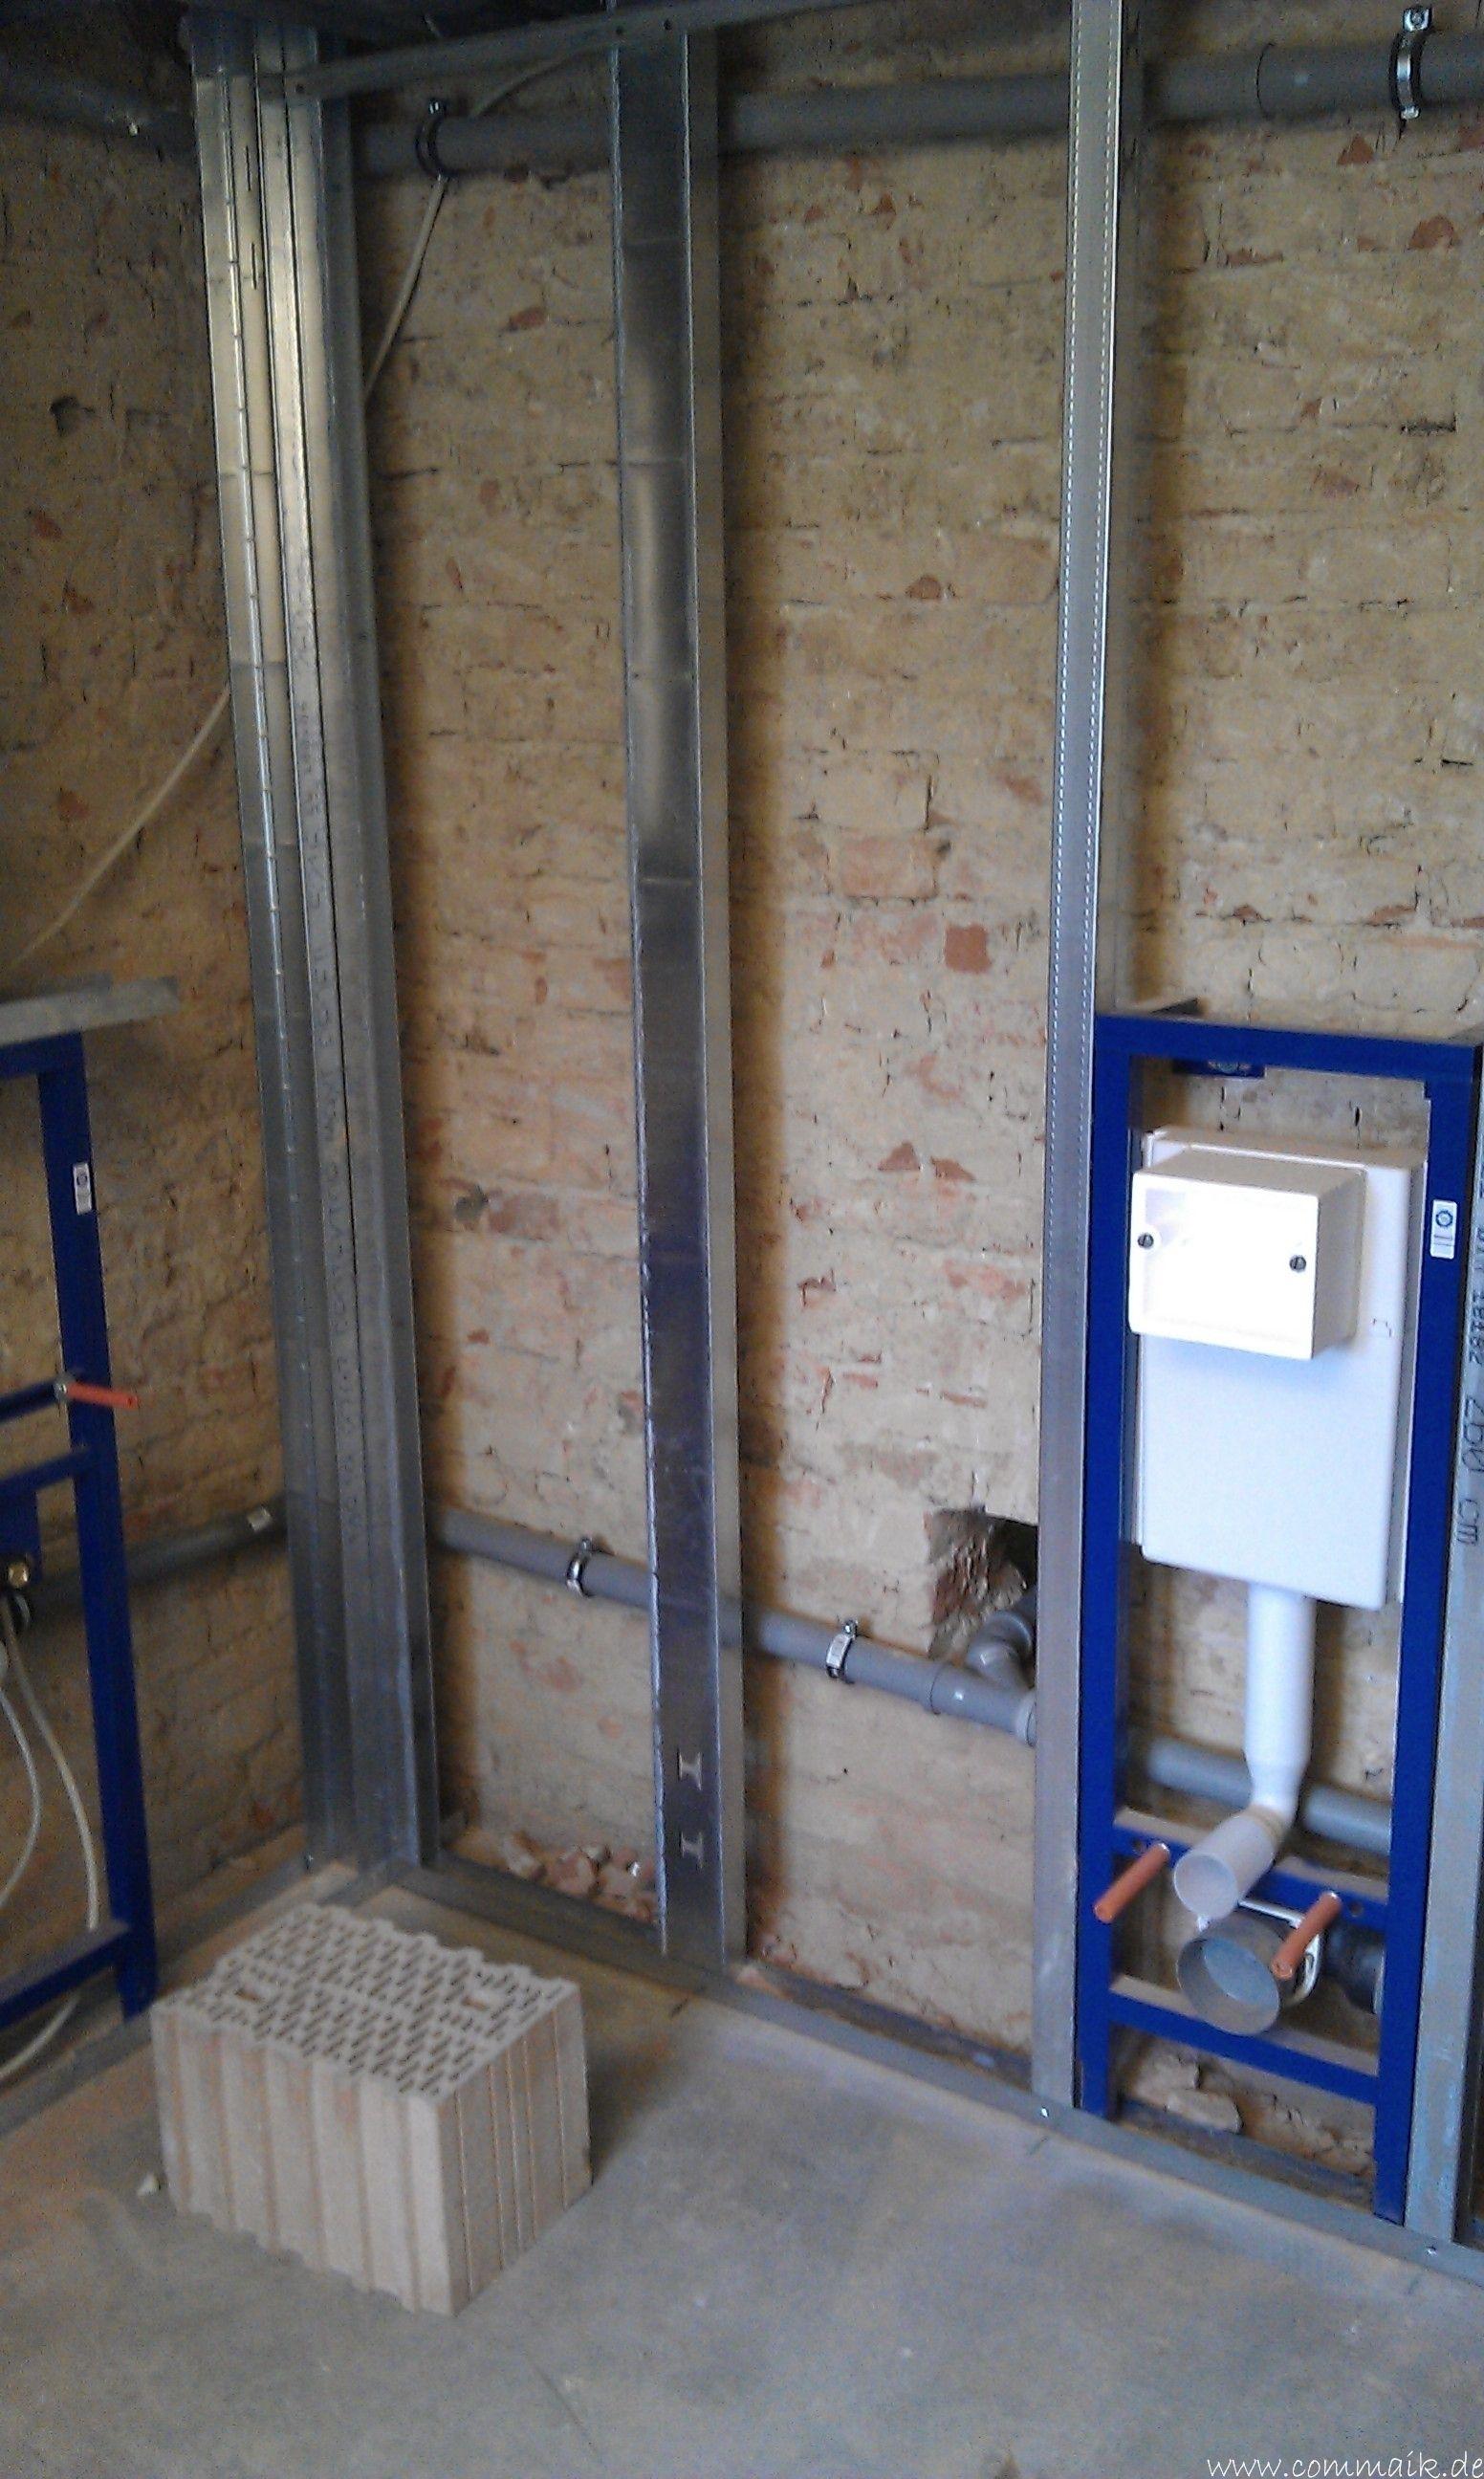 Trockenbau und Sanitärinstallation im Keller - Die Kundentoilette